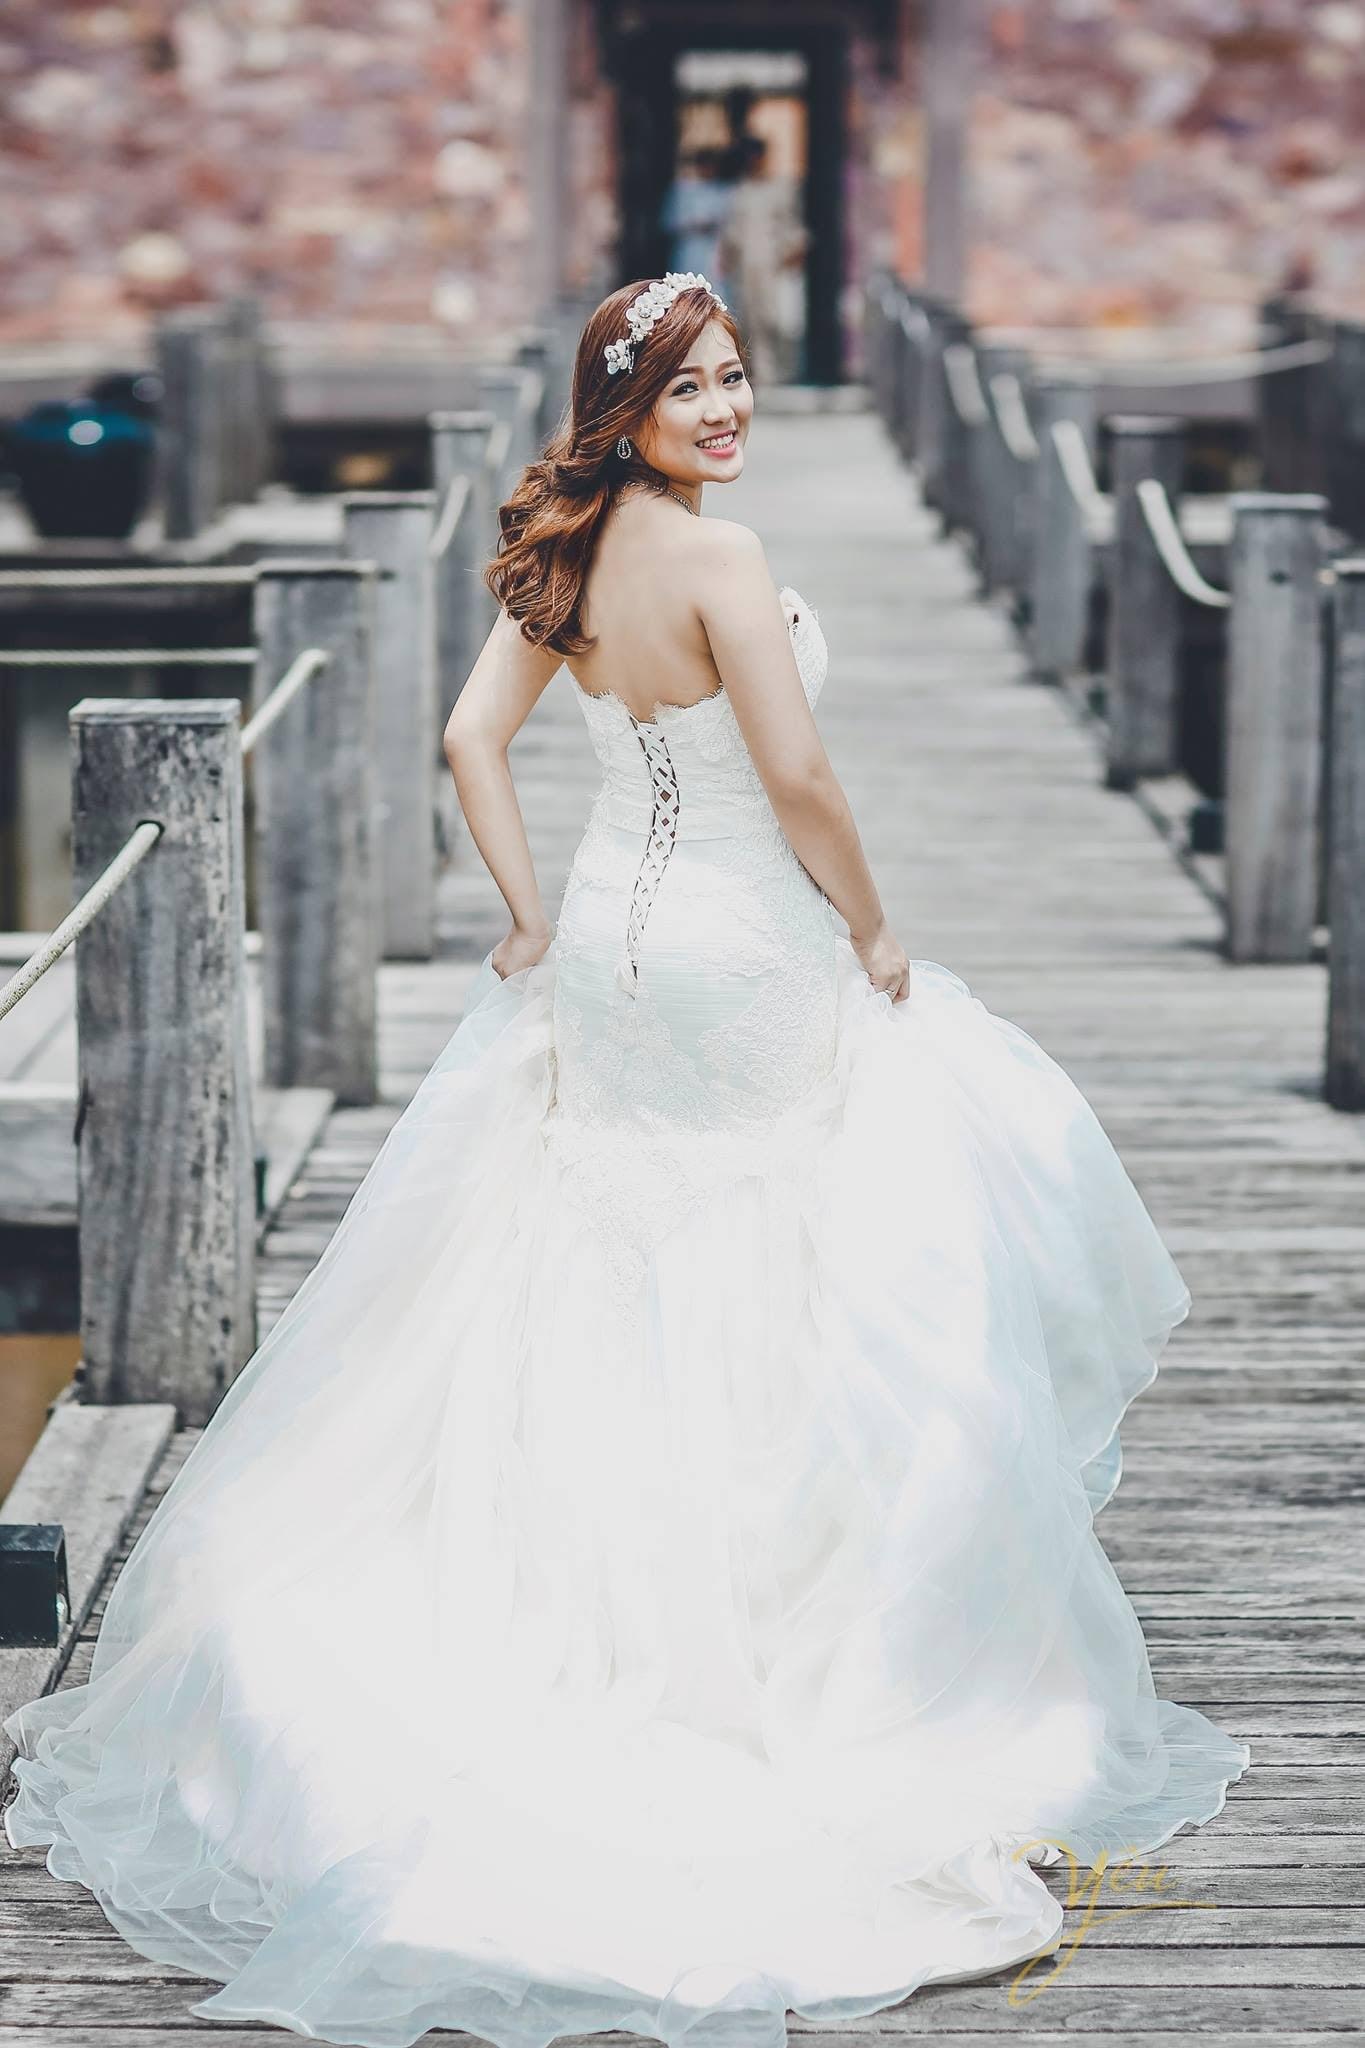 Chụp hình ảnh cưới cô dâu đẹp từ sau bộ váy cưới